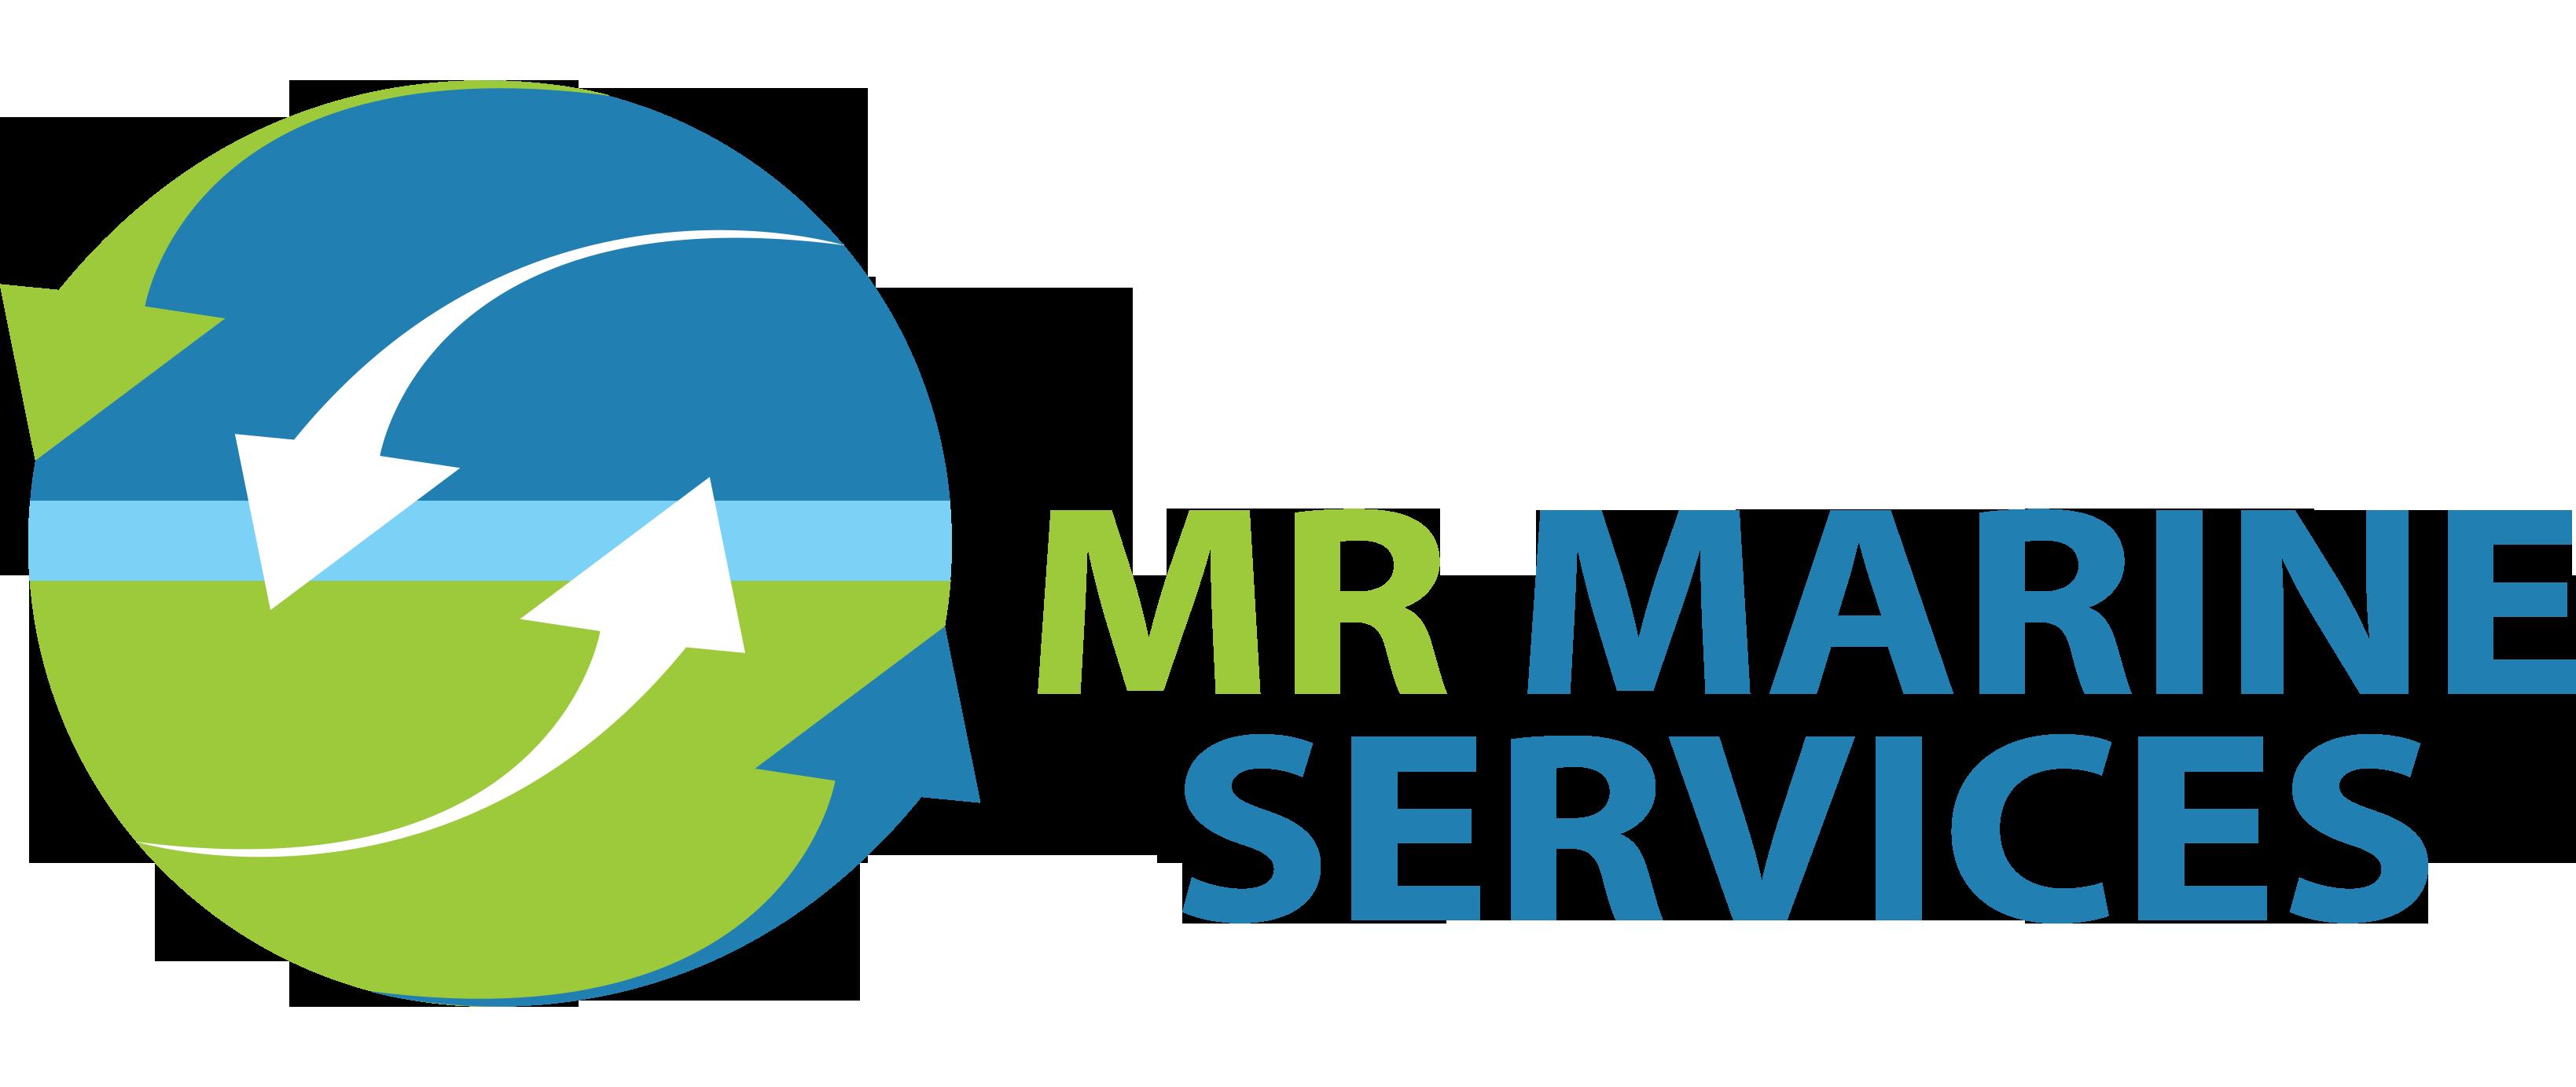 MR Marine Services-Lider en Servicios Maritimo y Medio Ambiente